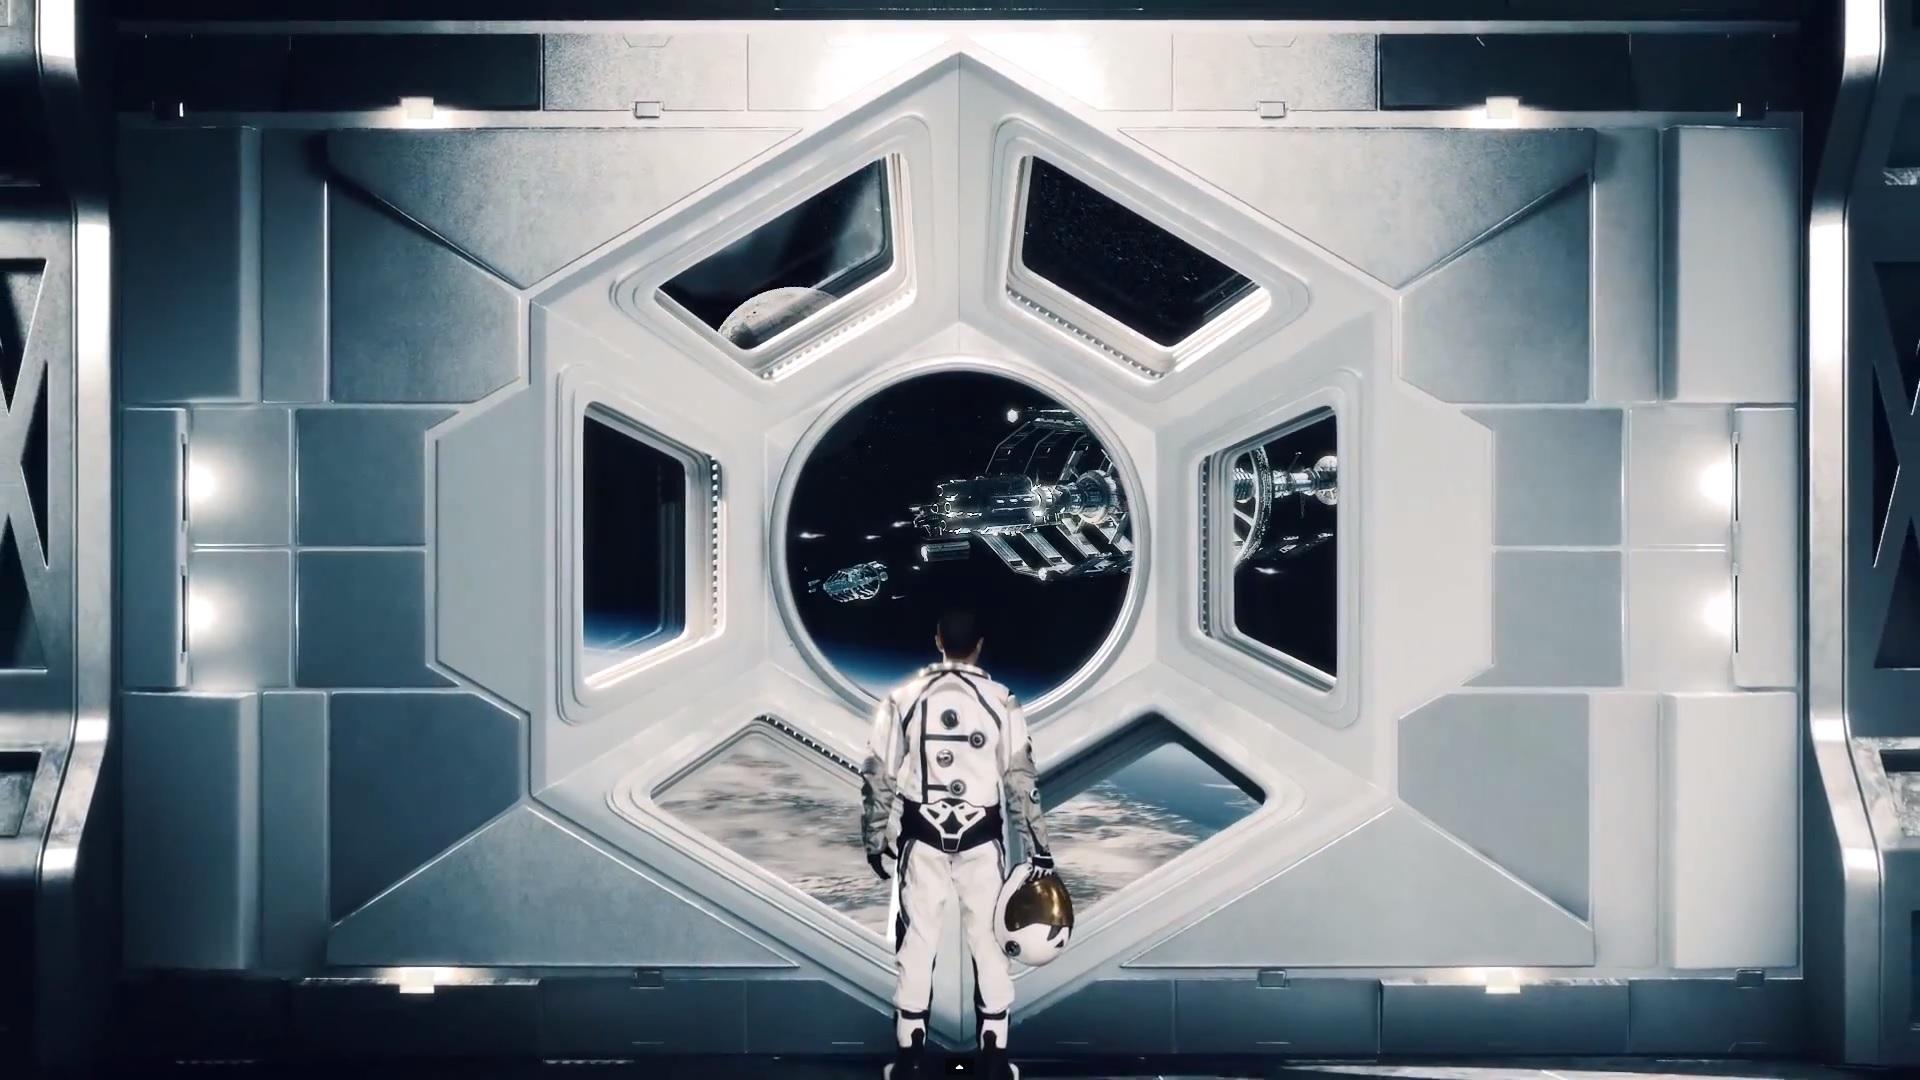 Szukasz dobrej karty graficznej? Wybierając serię Radeon R9 290 otrzymasz za darmo Civilization: Beyond Earth